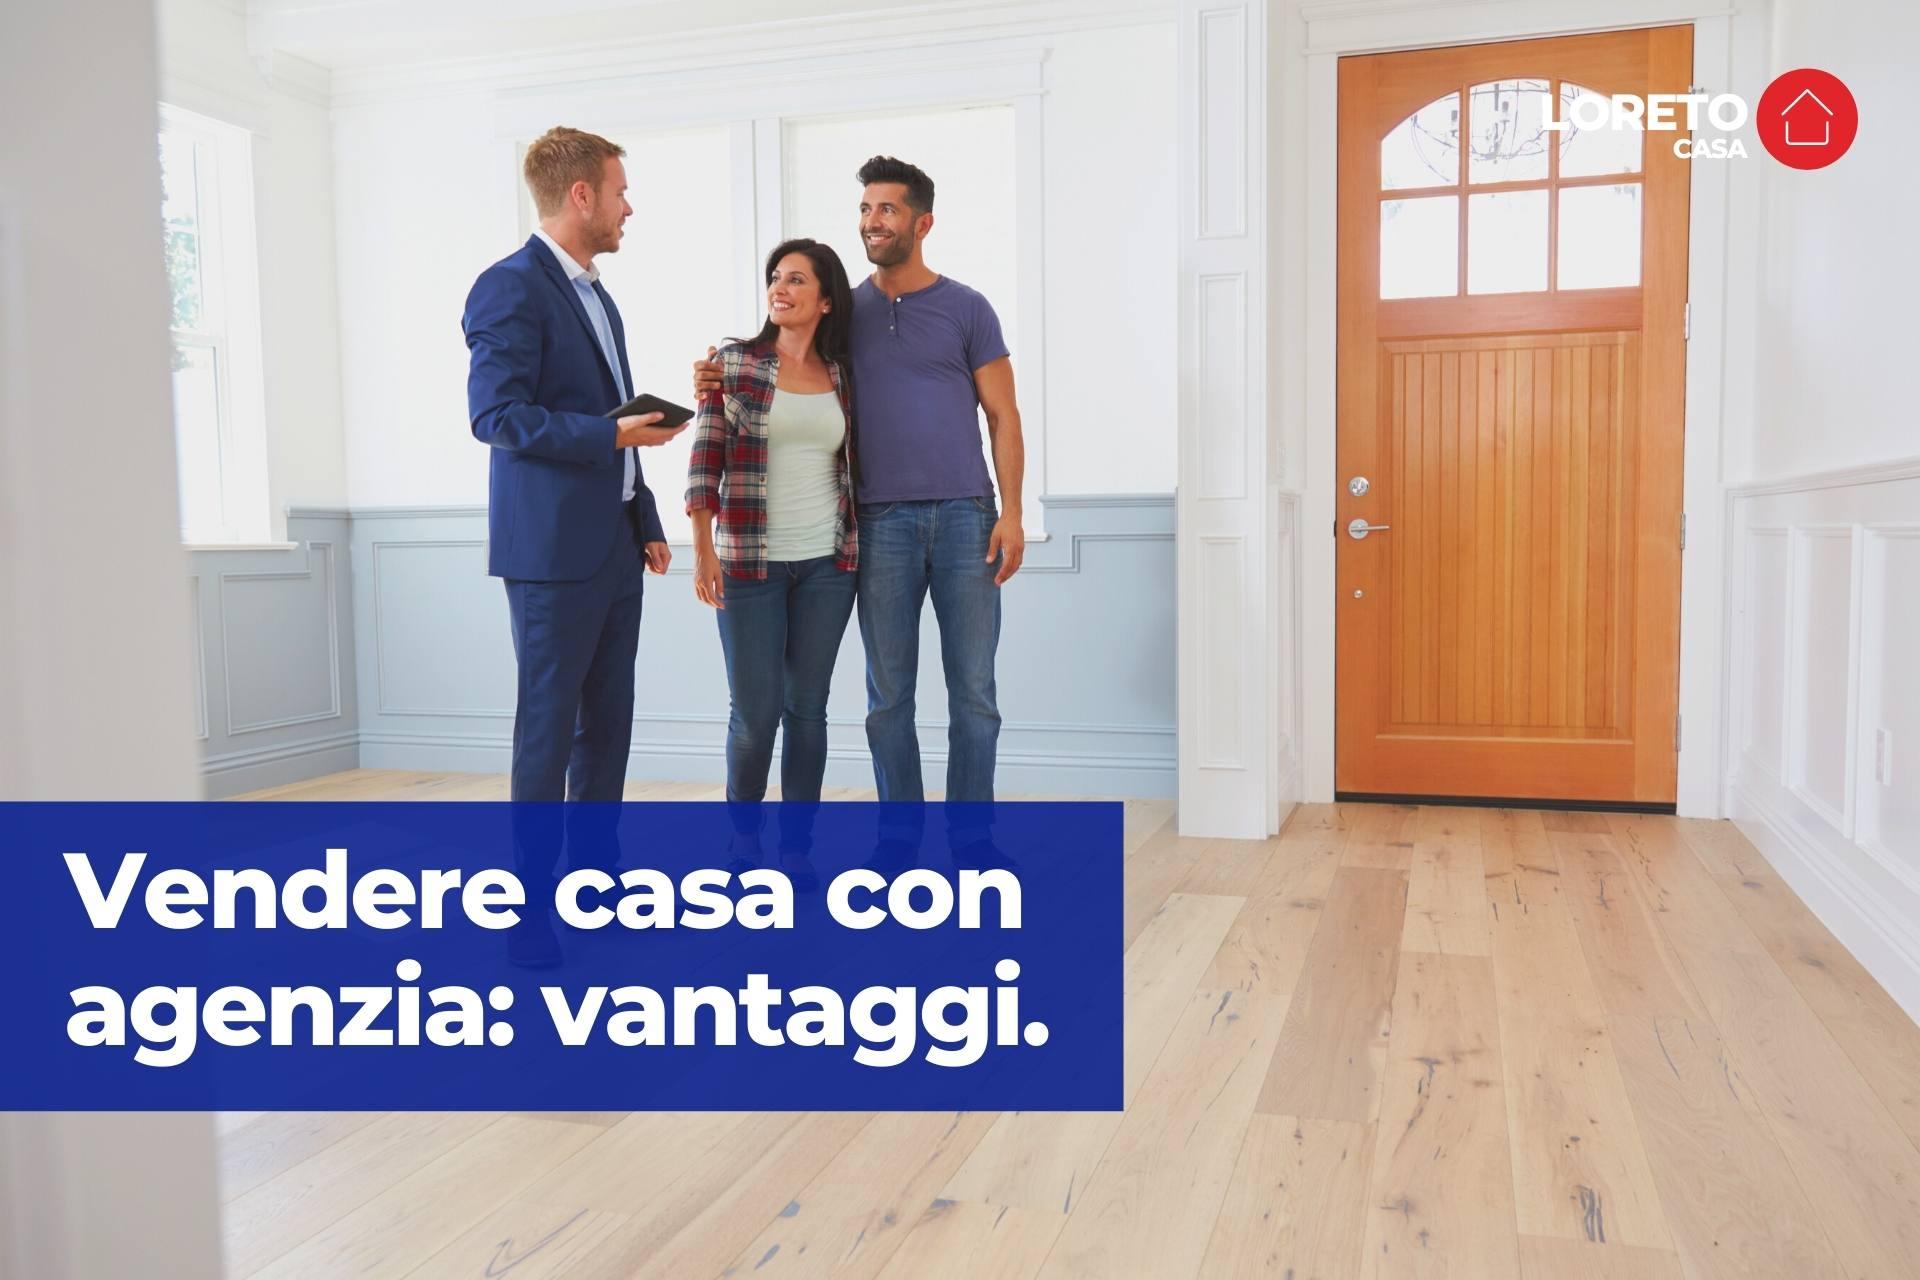 Vendere casa con agenzia ecco tutti i vantaggi per i proprietari